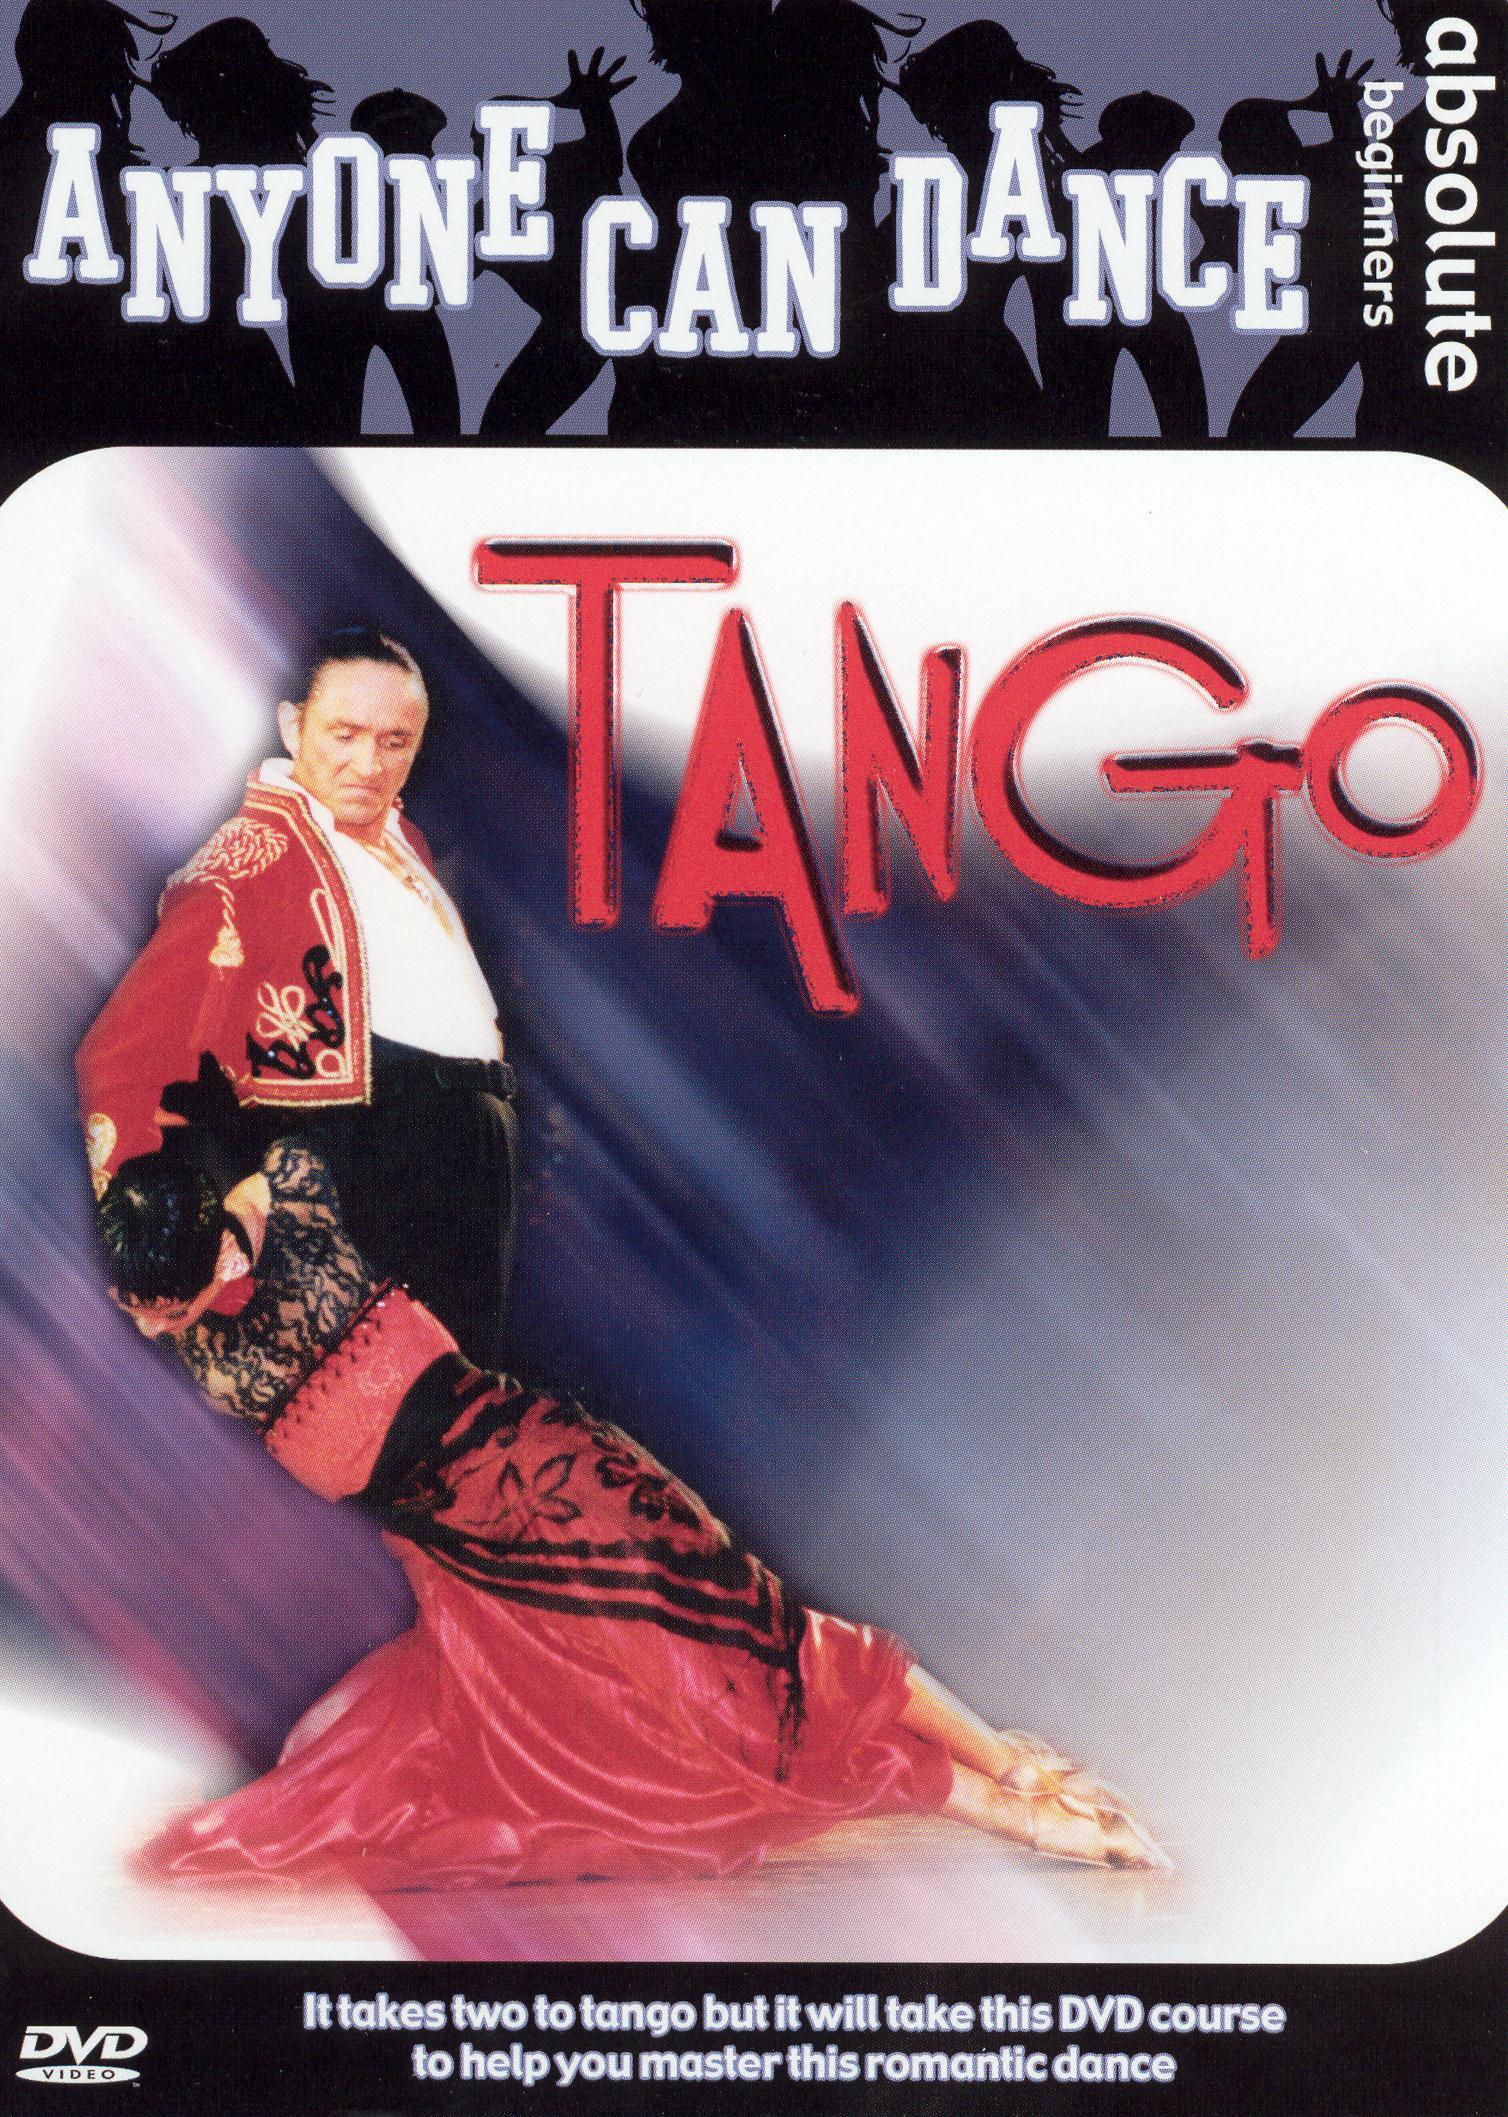 Anyone Can Dance: Tango